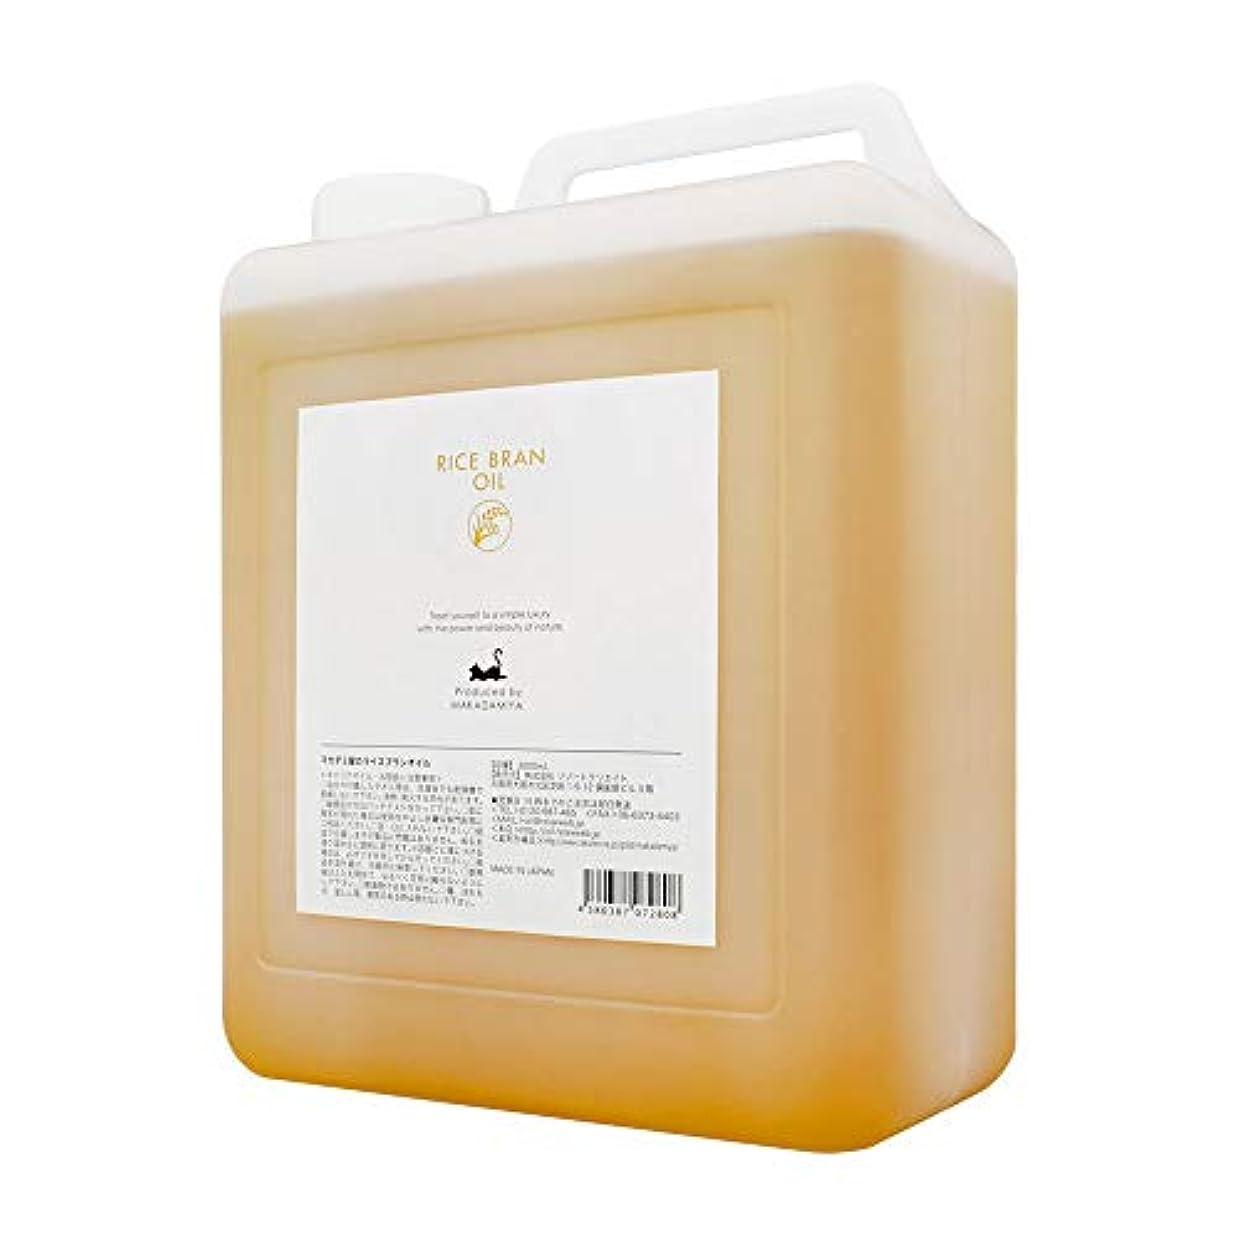 ライスブランオイル3000ml (米油 米ぬか油 ライスオイル/コック付) 高級サロン仕様 マッサージオイル キャリアオイル (フェイス/ボディ用) 業務用?大容量